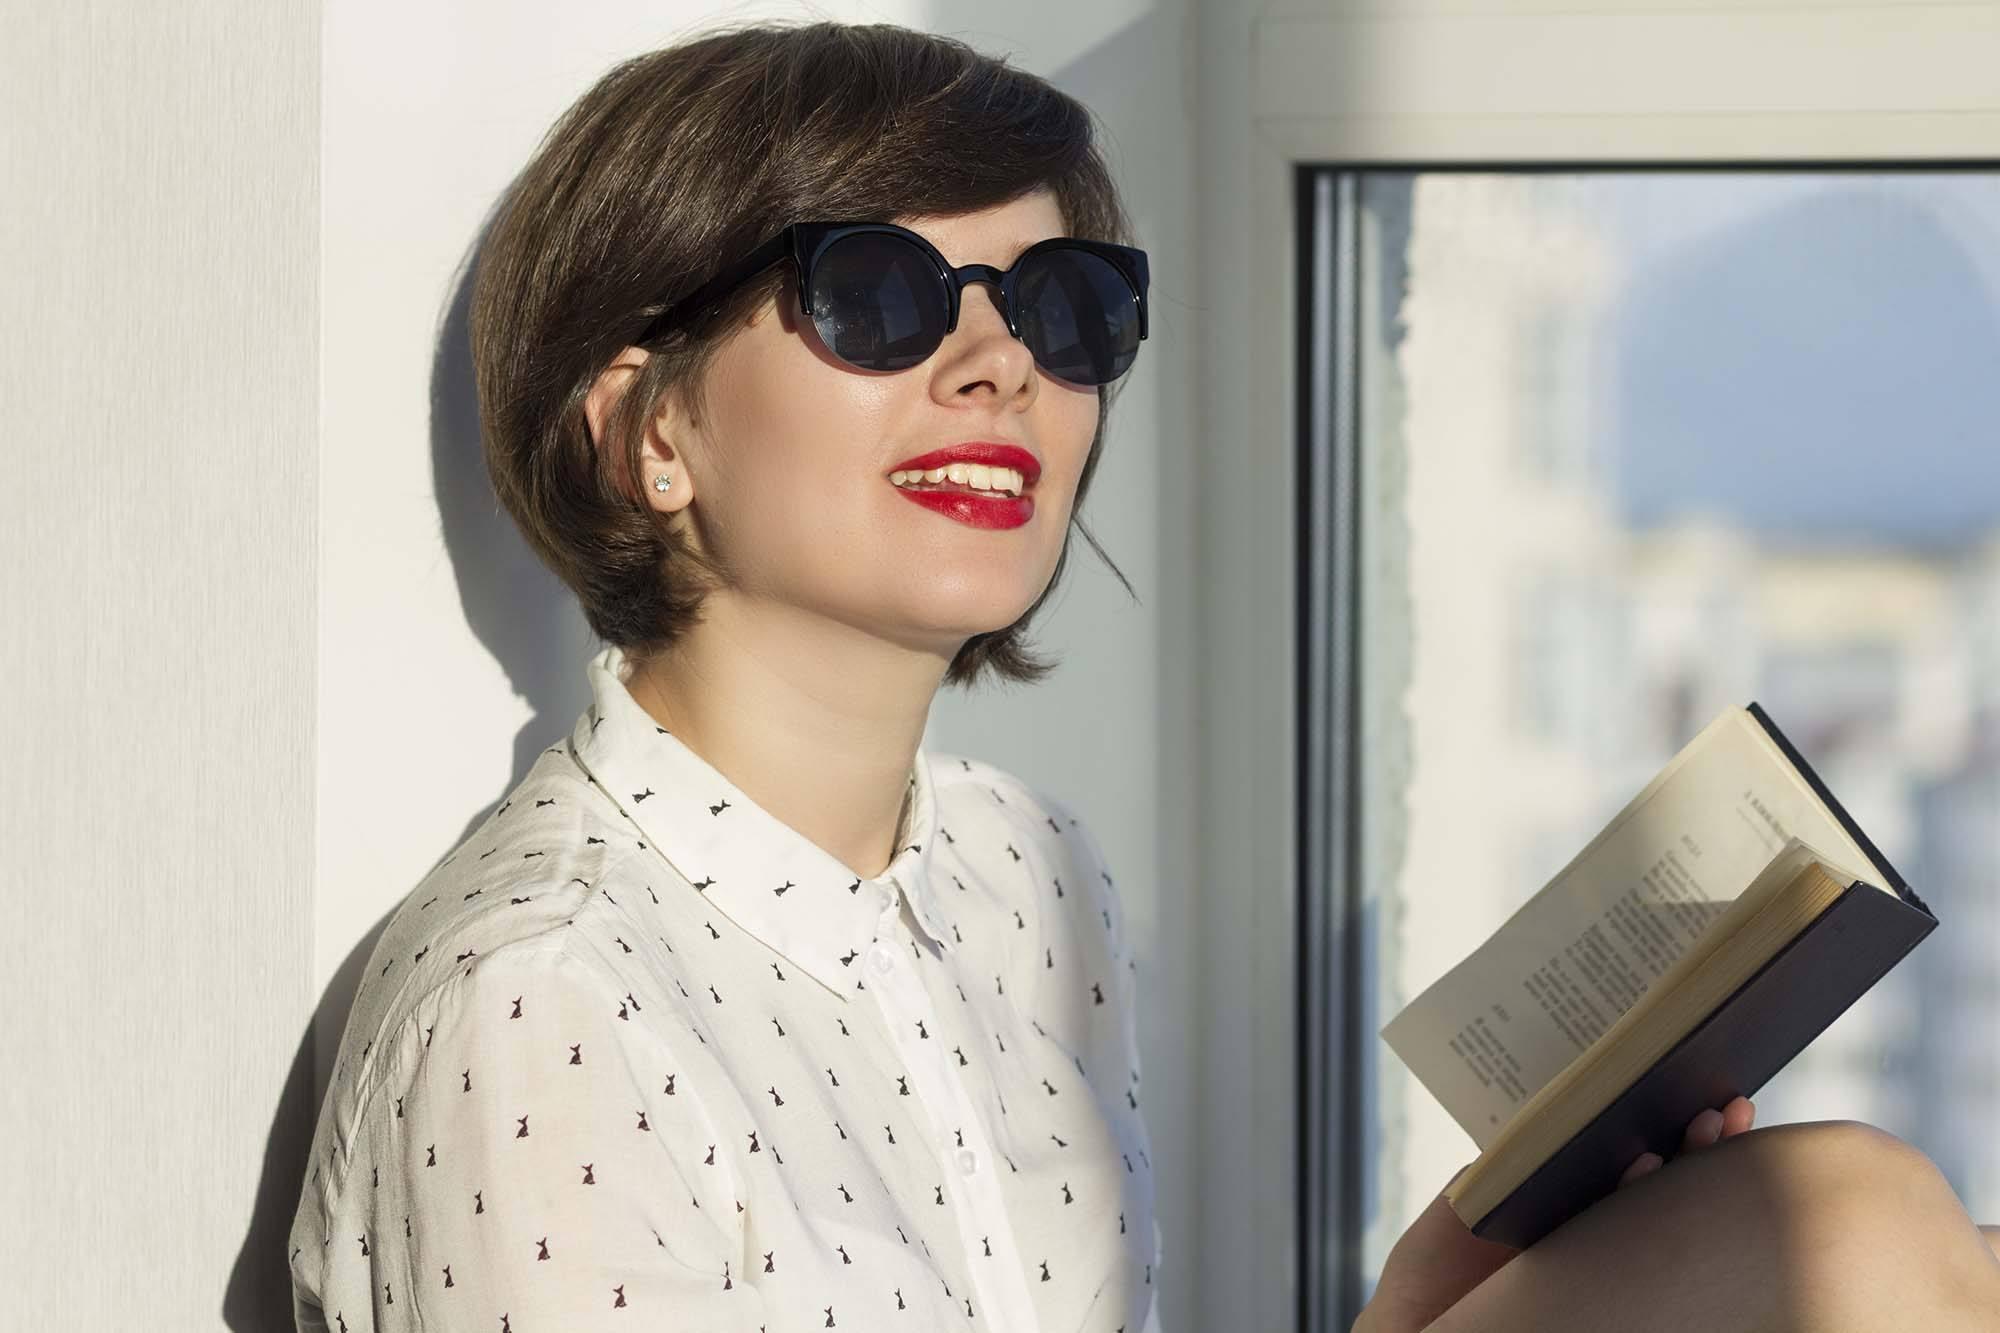 mulher com corte de cabelo short bob e óculos de sol